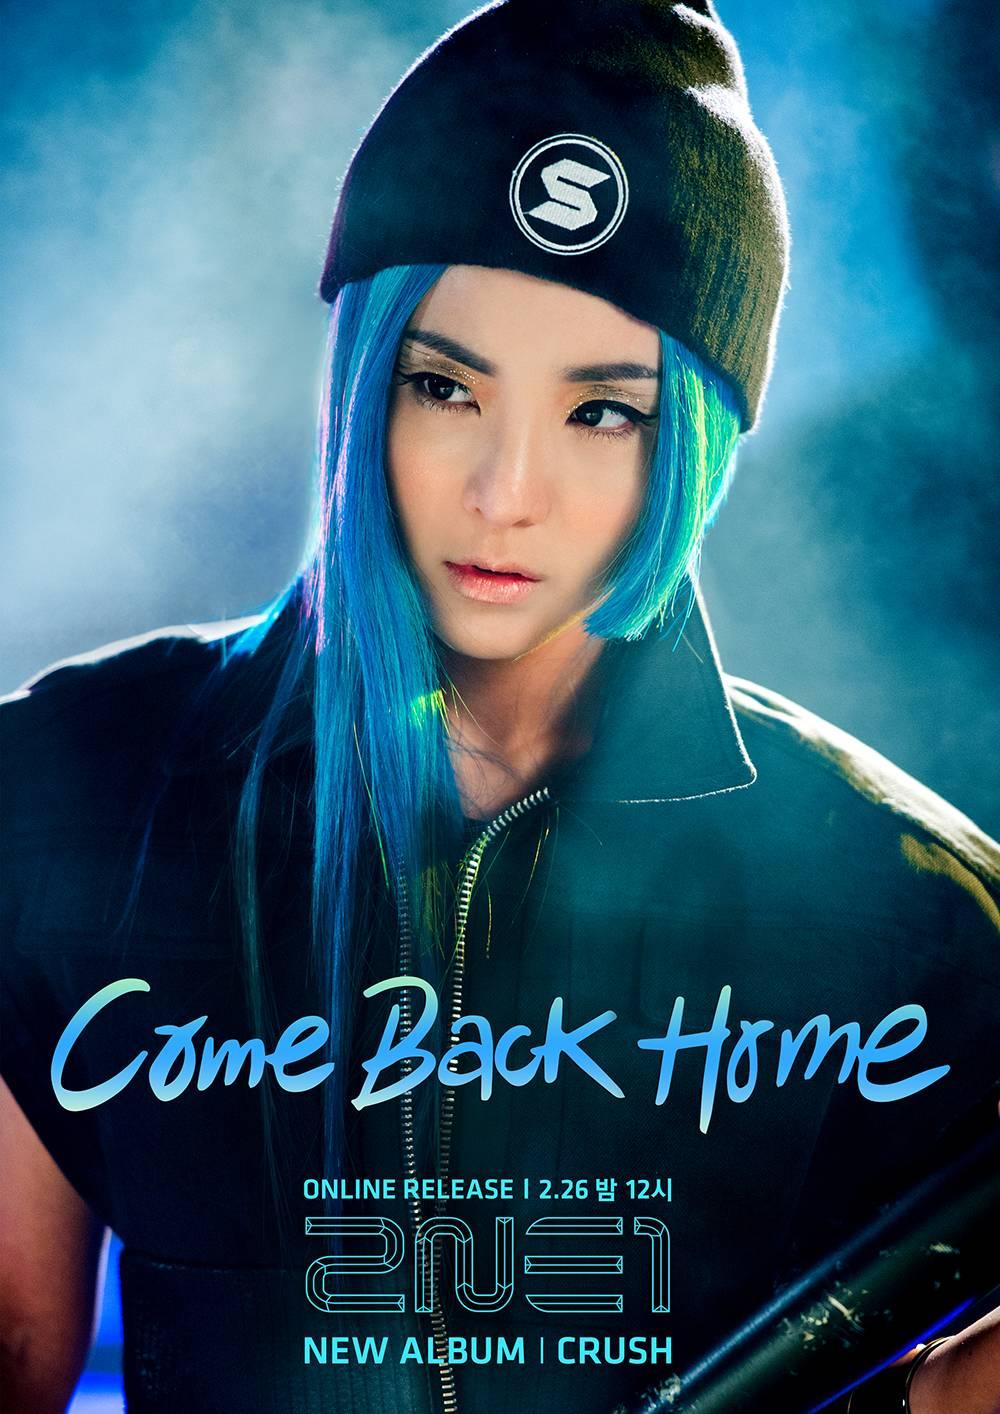 มาแล้ว!!2NE1 ปล่อยภาพทีเซอร์ของซานดาราสำหรับการคัมแบ็คอัลบั้ม 'CRUSH'!!